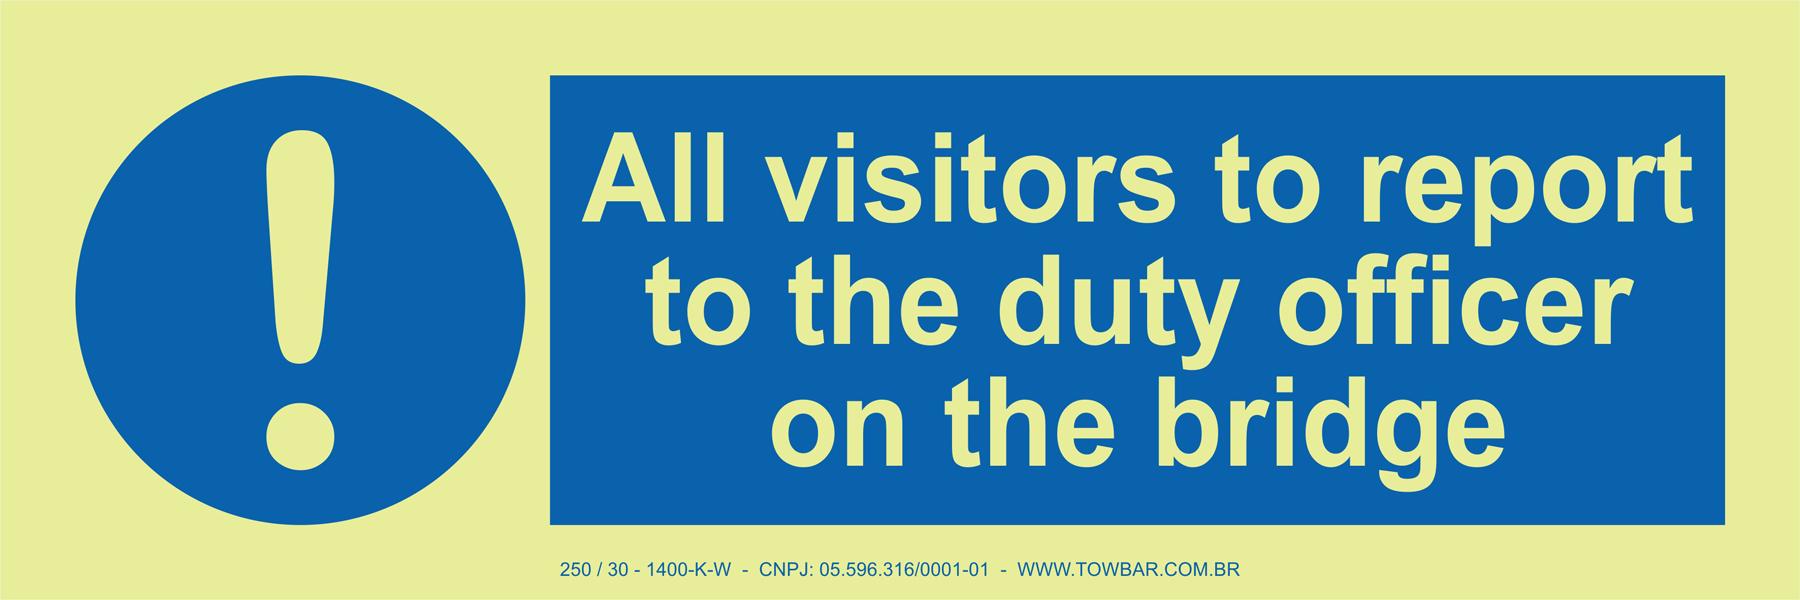 All Visitors to Report to the Duty Officer on the Bridge  - Towbar Sinalização de Segurança